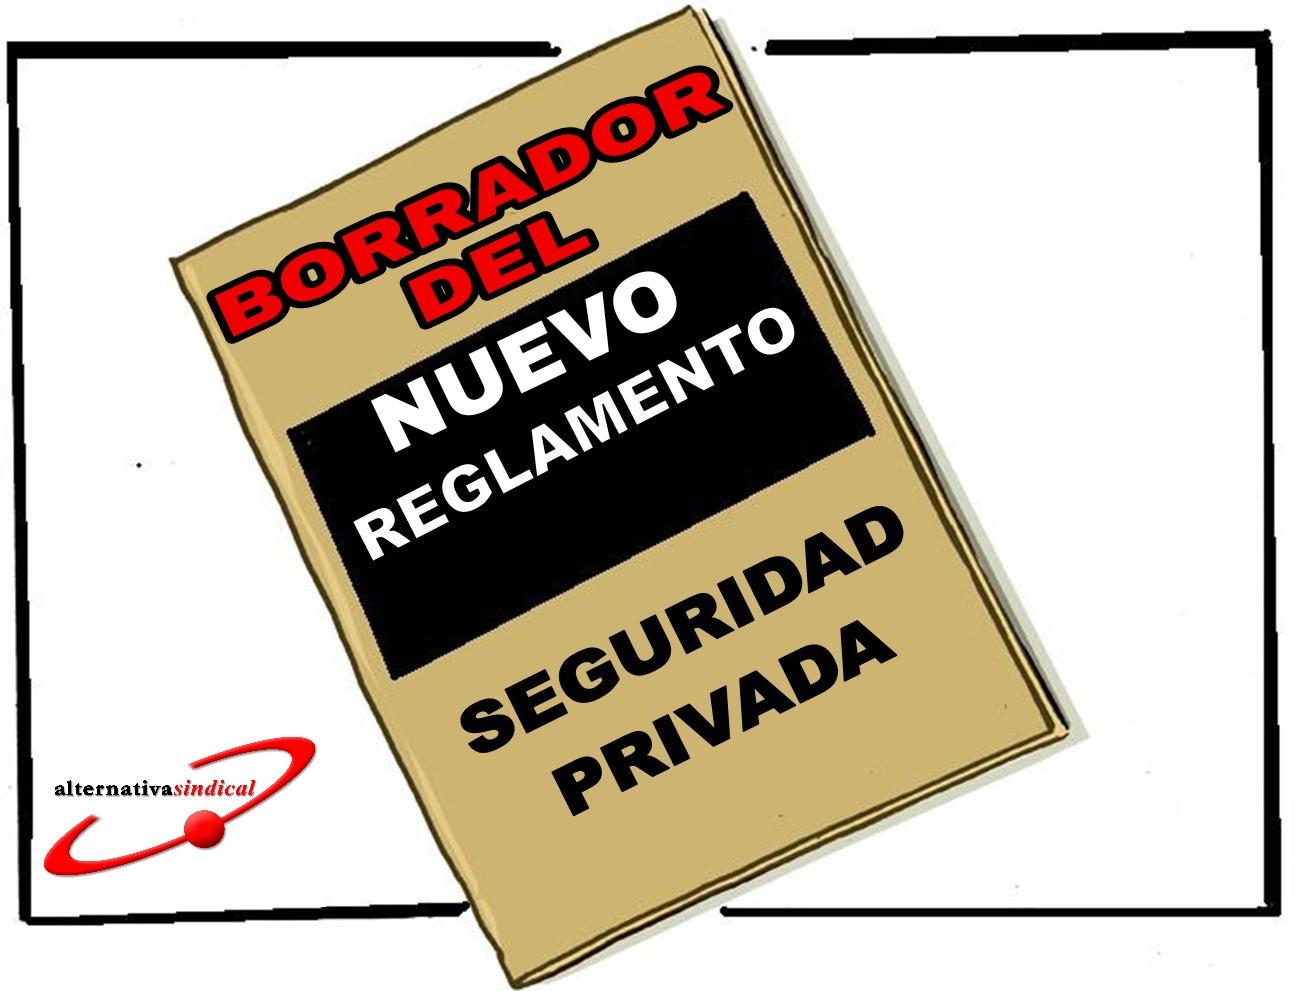 Borrador Reglamento de seguridad privada